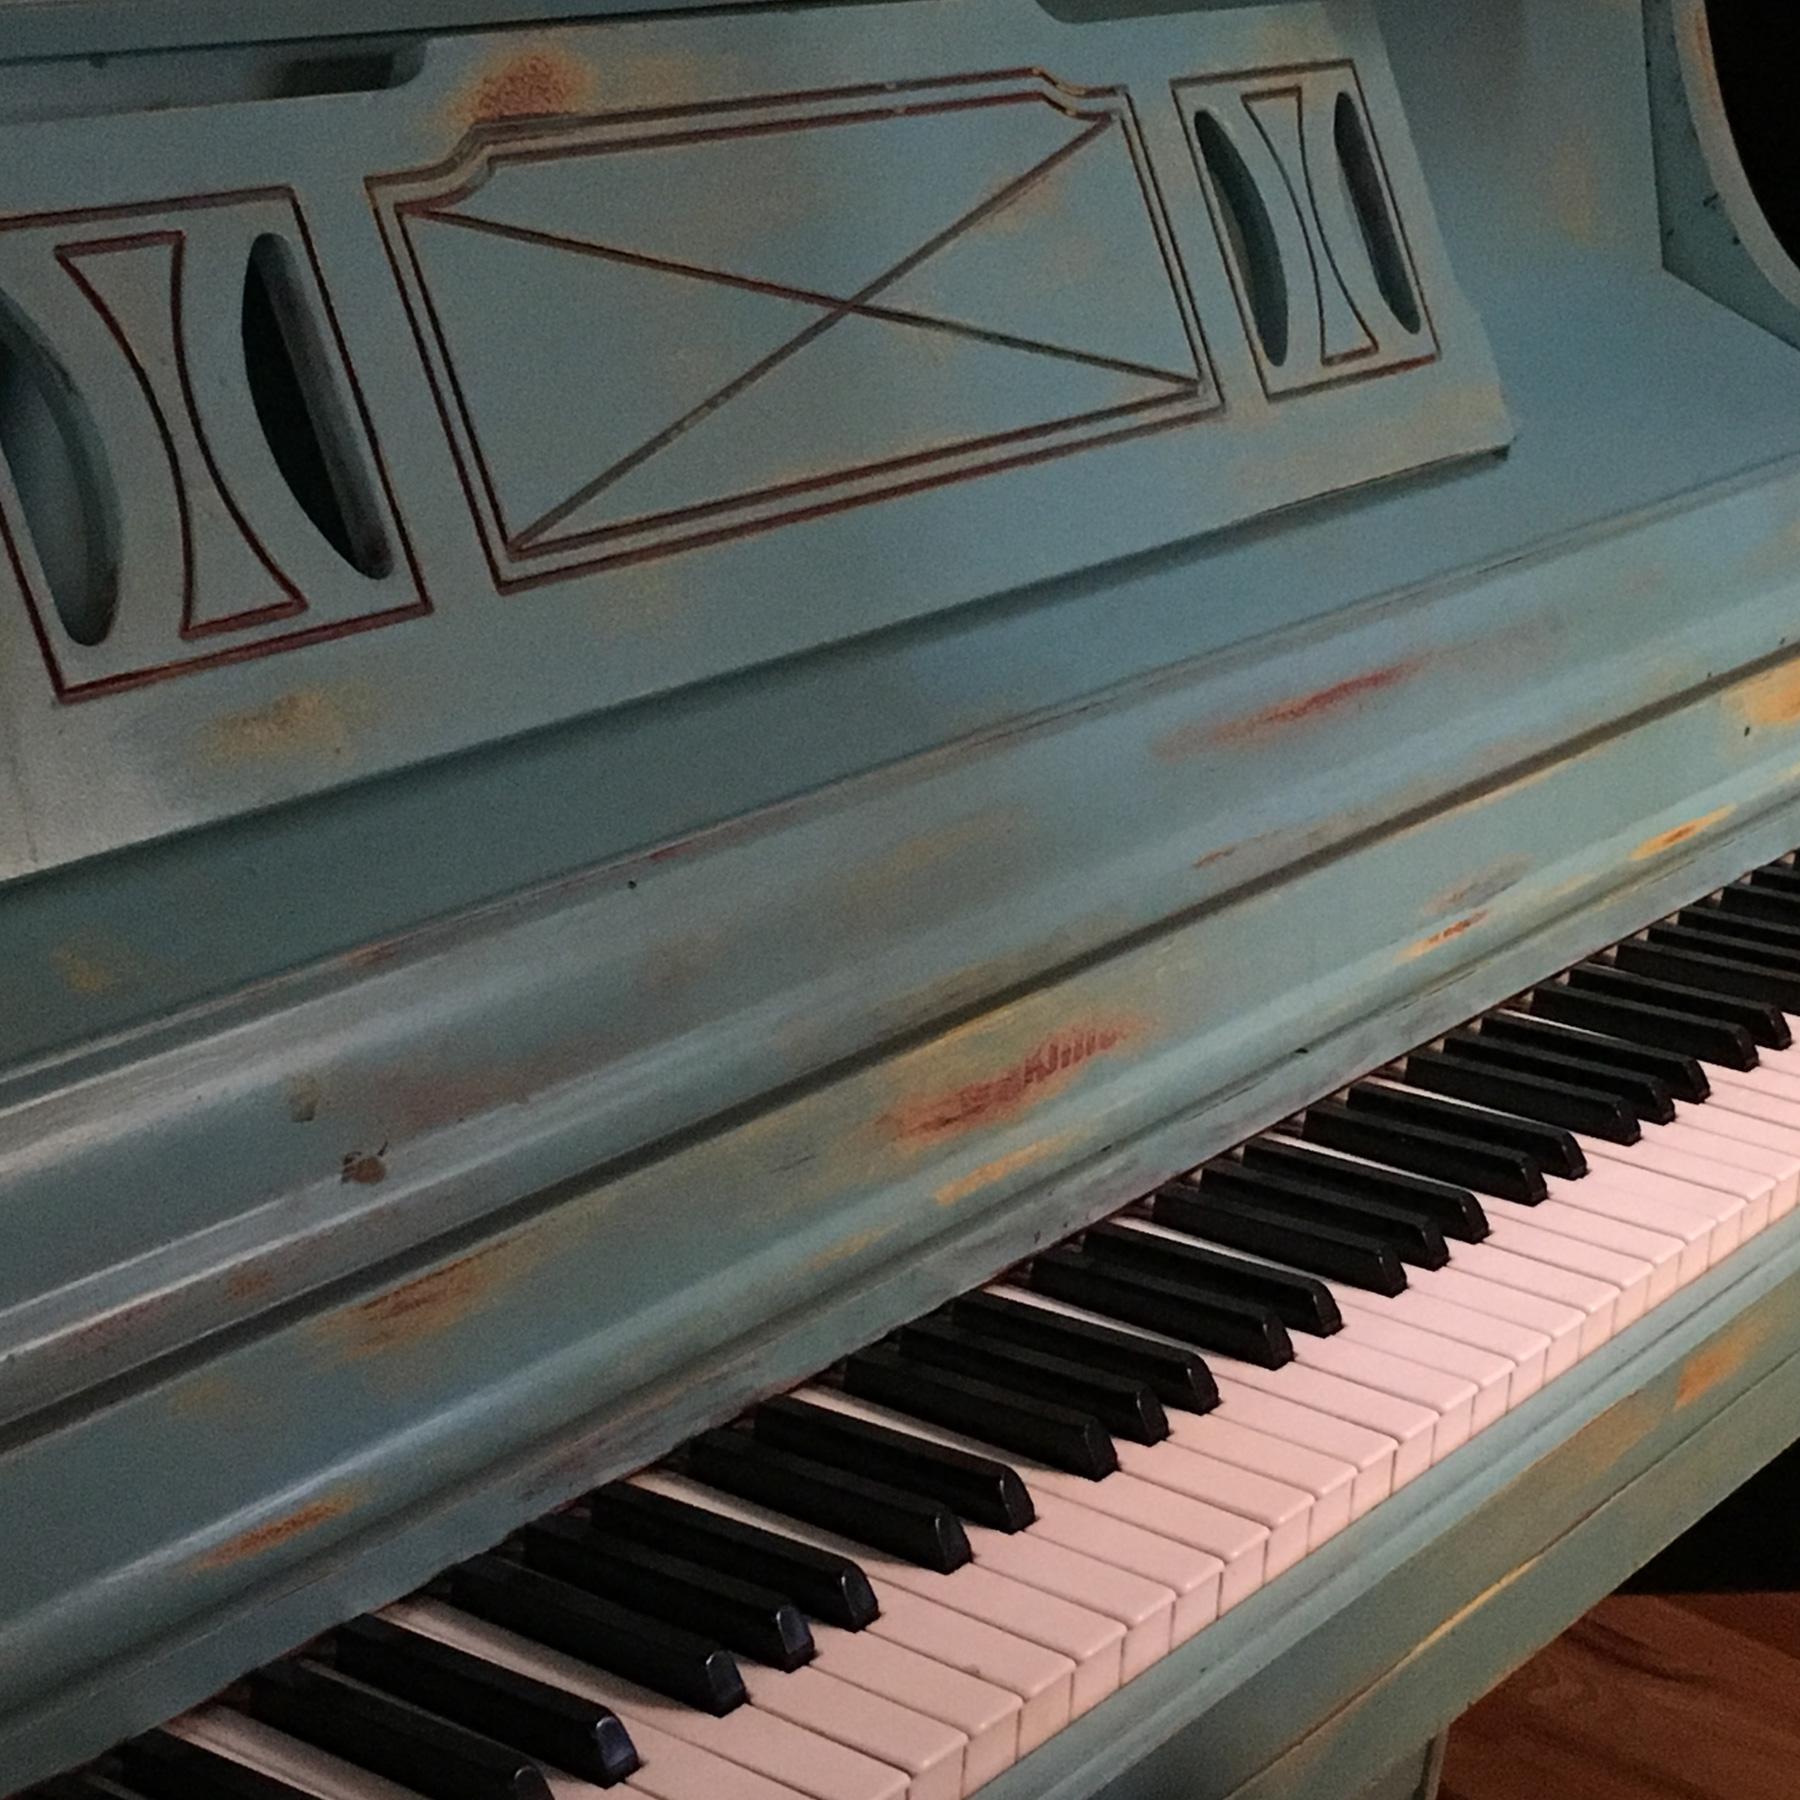 TWV2_piano.jpg